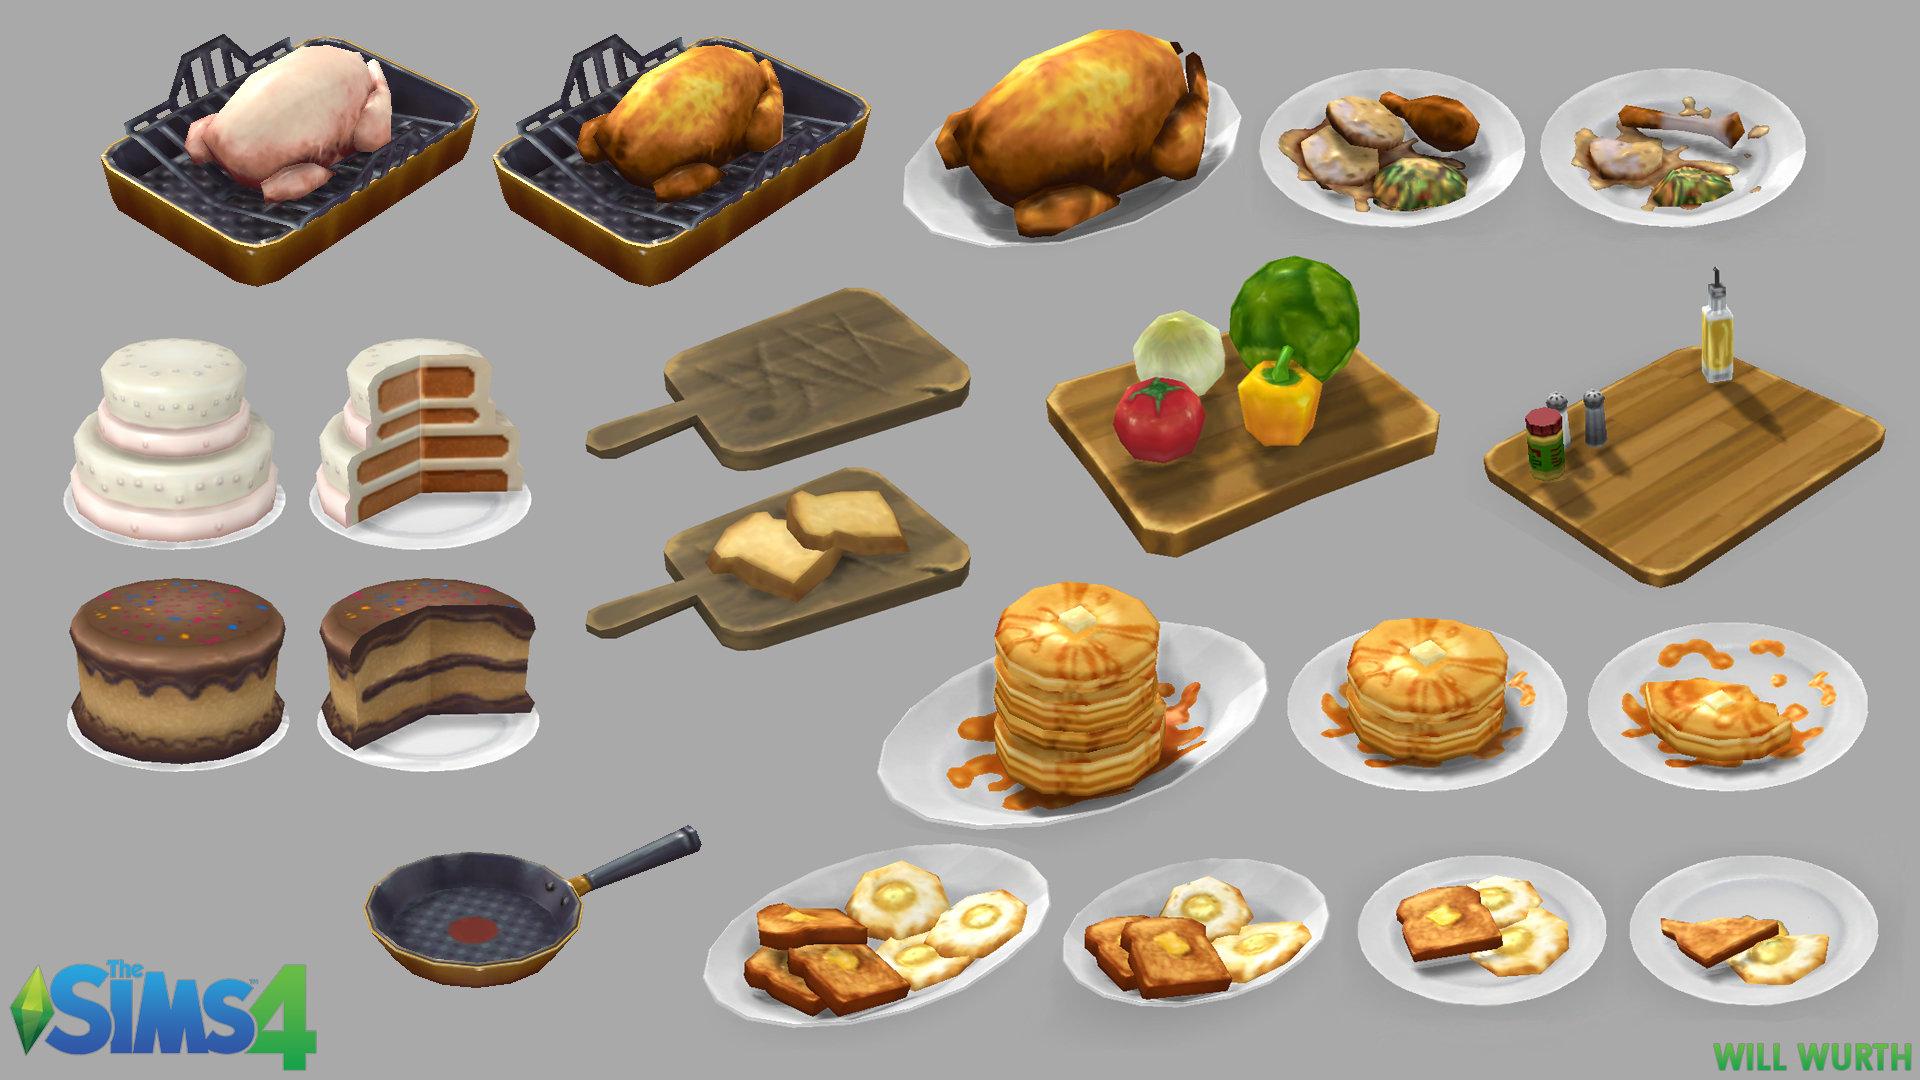 will-wurth-ts4-food.jpg?1428389403